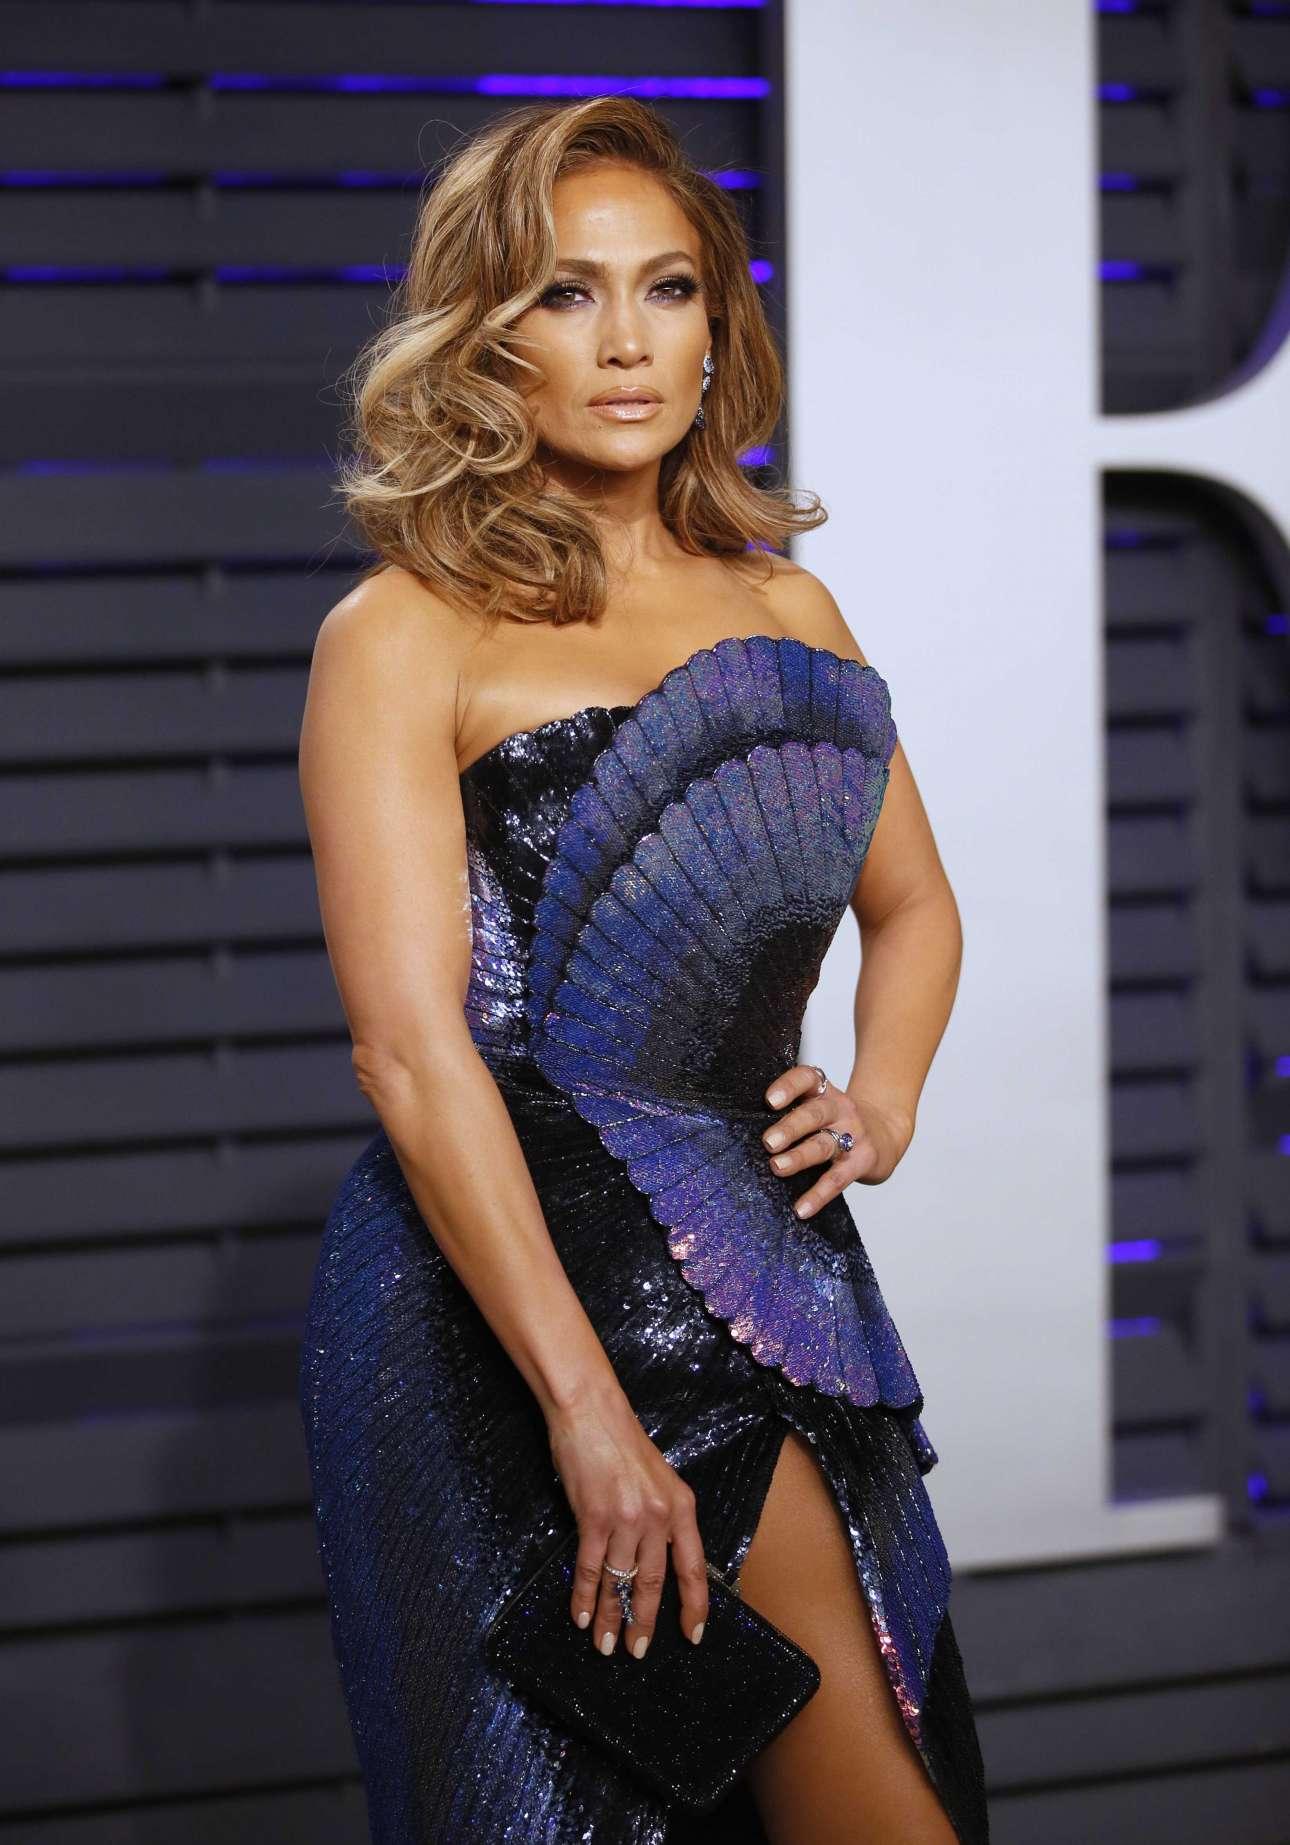 Η Τζένιφερ Λόπεζ καταφθάνει στο καθιερωμένο πάρτι του Vanity Fair, μετά την τελετή, φορώντας ένα αποκαλυπτικό φόρεμα. Γιατί; Γιατί μπορεί.